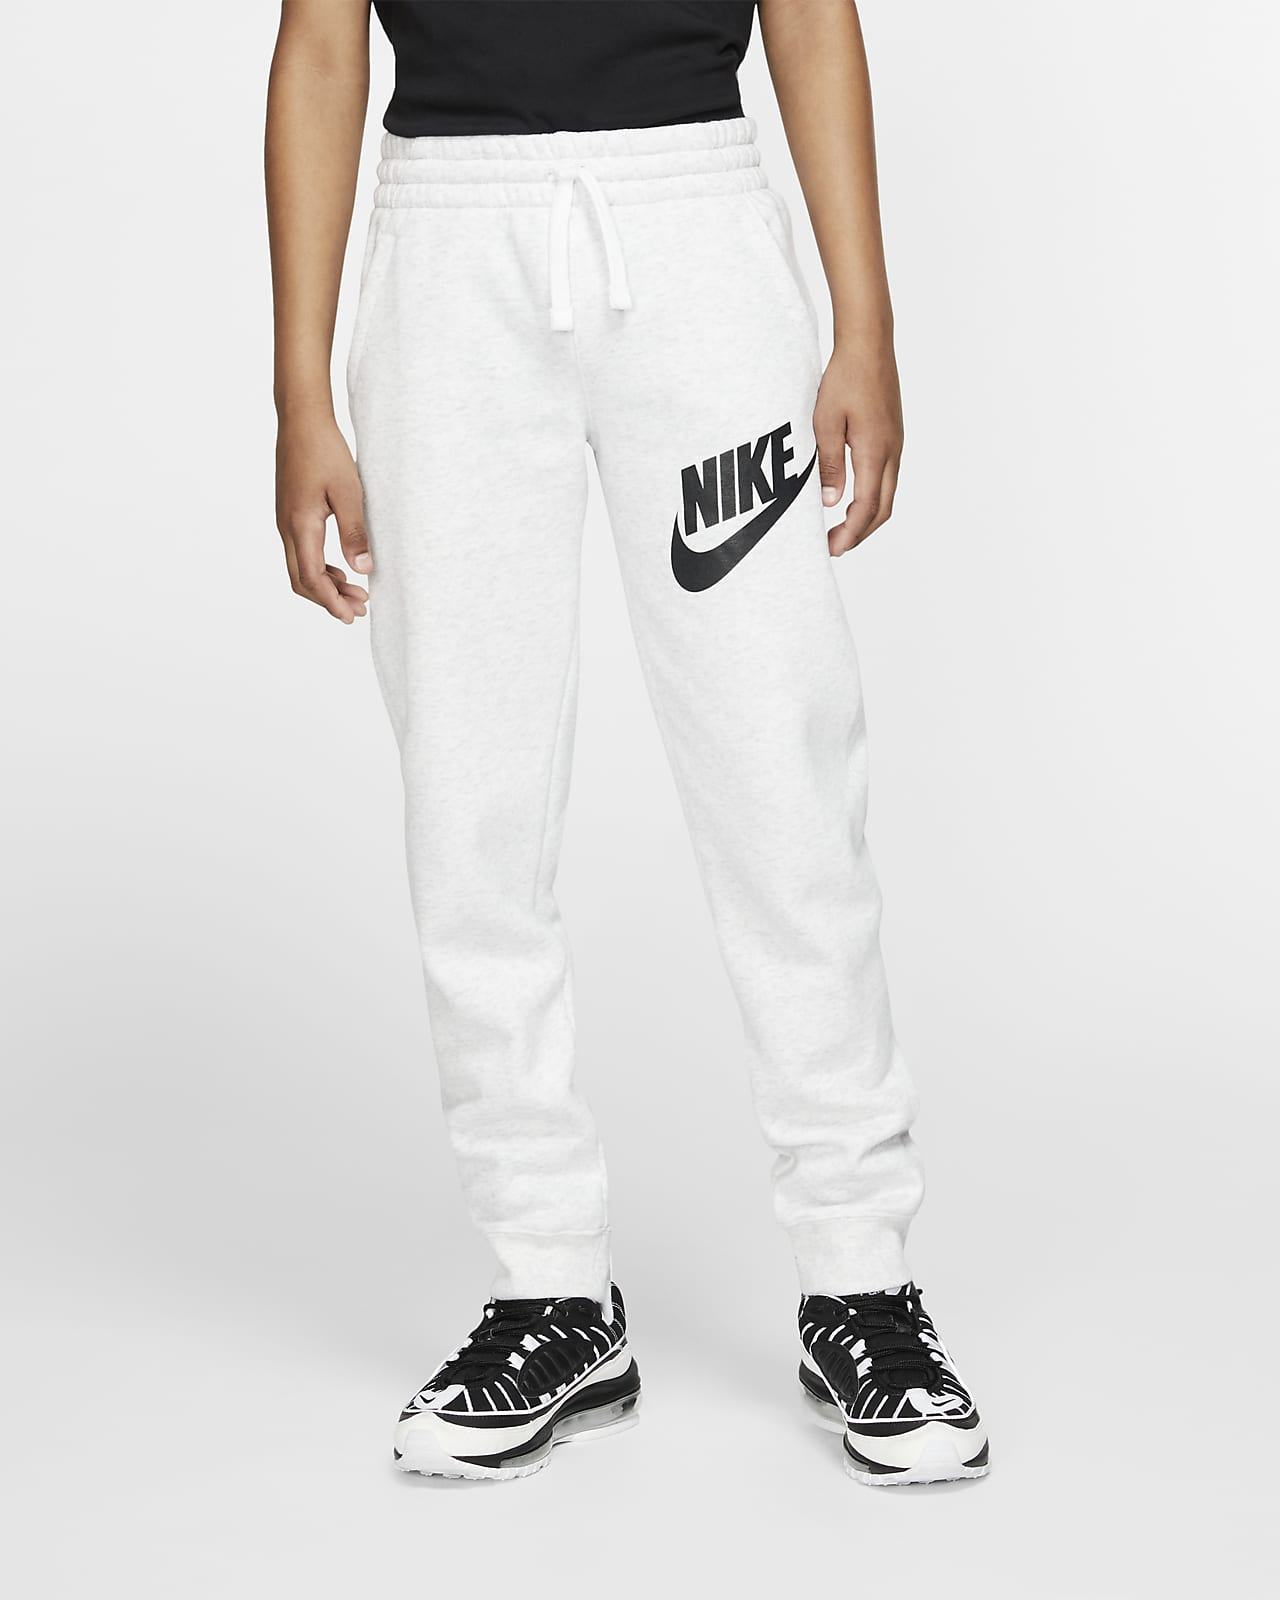 Prestado Sanción persona que practica jogging  Nike Sportswear Club Fleece Older Kids' (Boys') Trousers. Nike CH